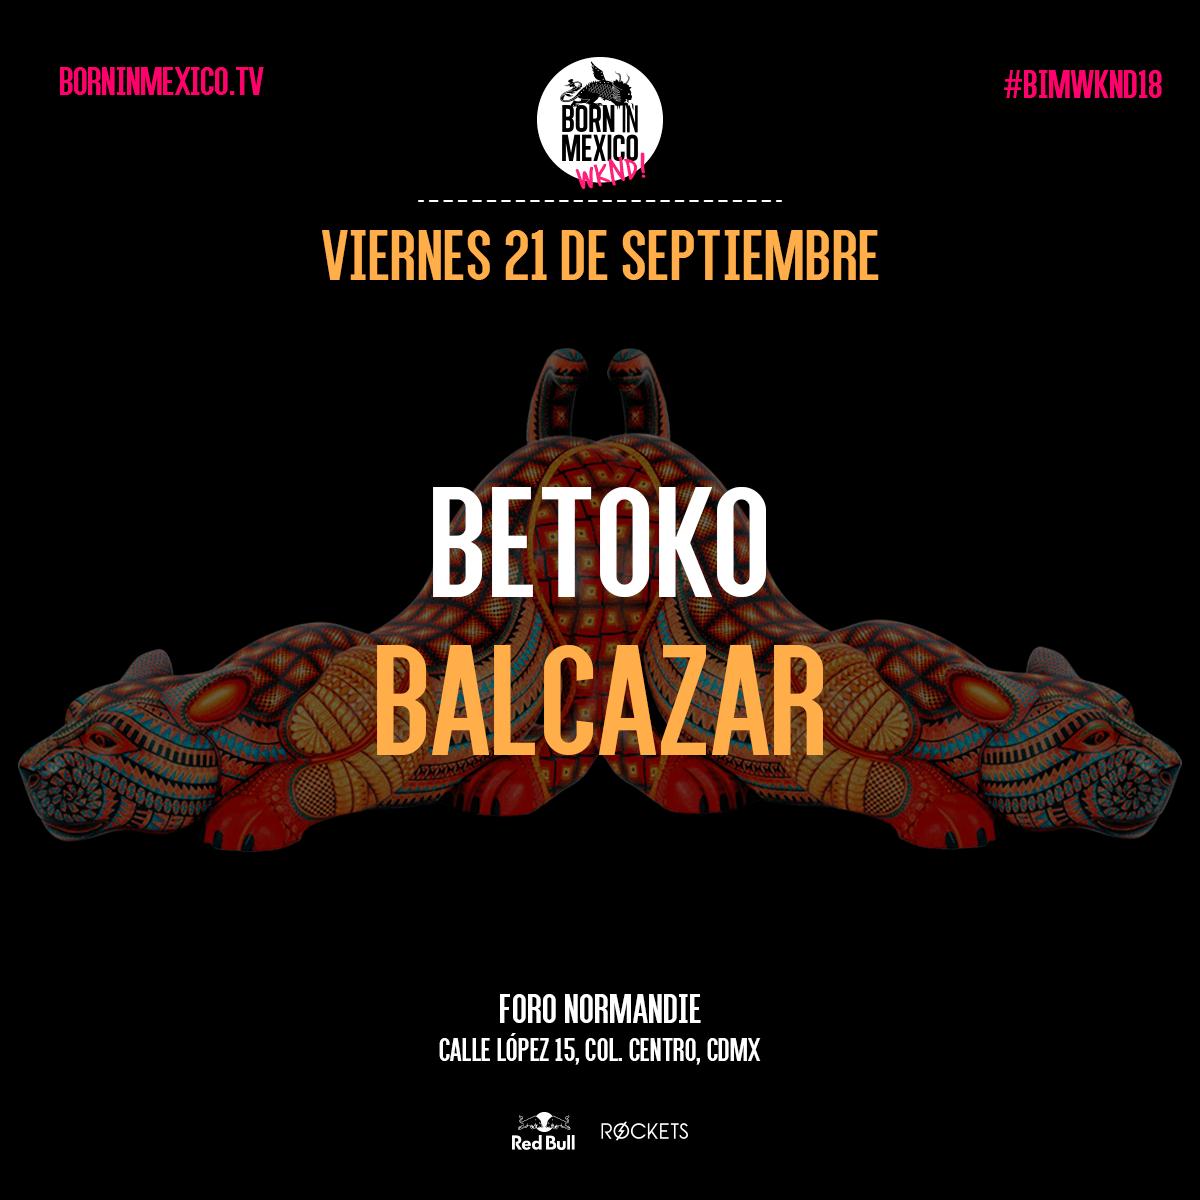 betoko-balcazar-born-in-mexico-2018-concierto-boletos